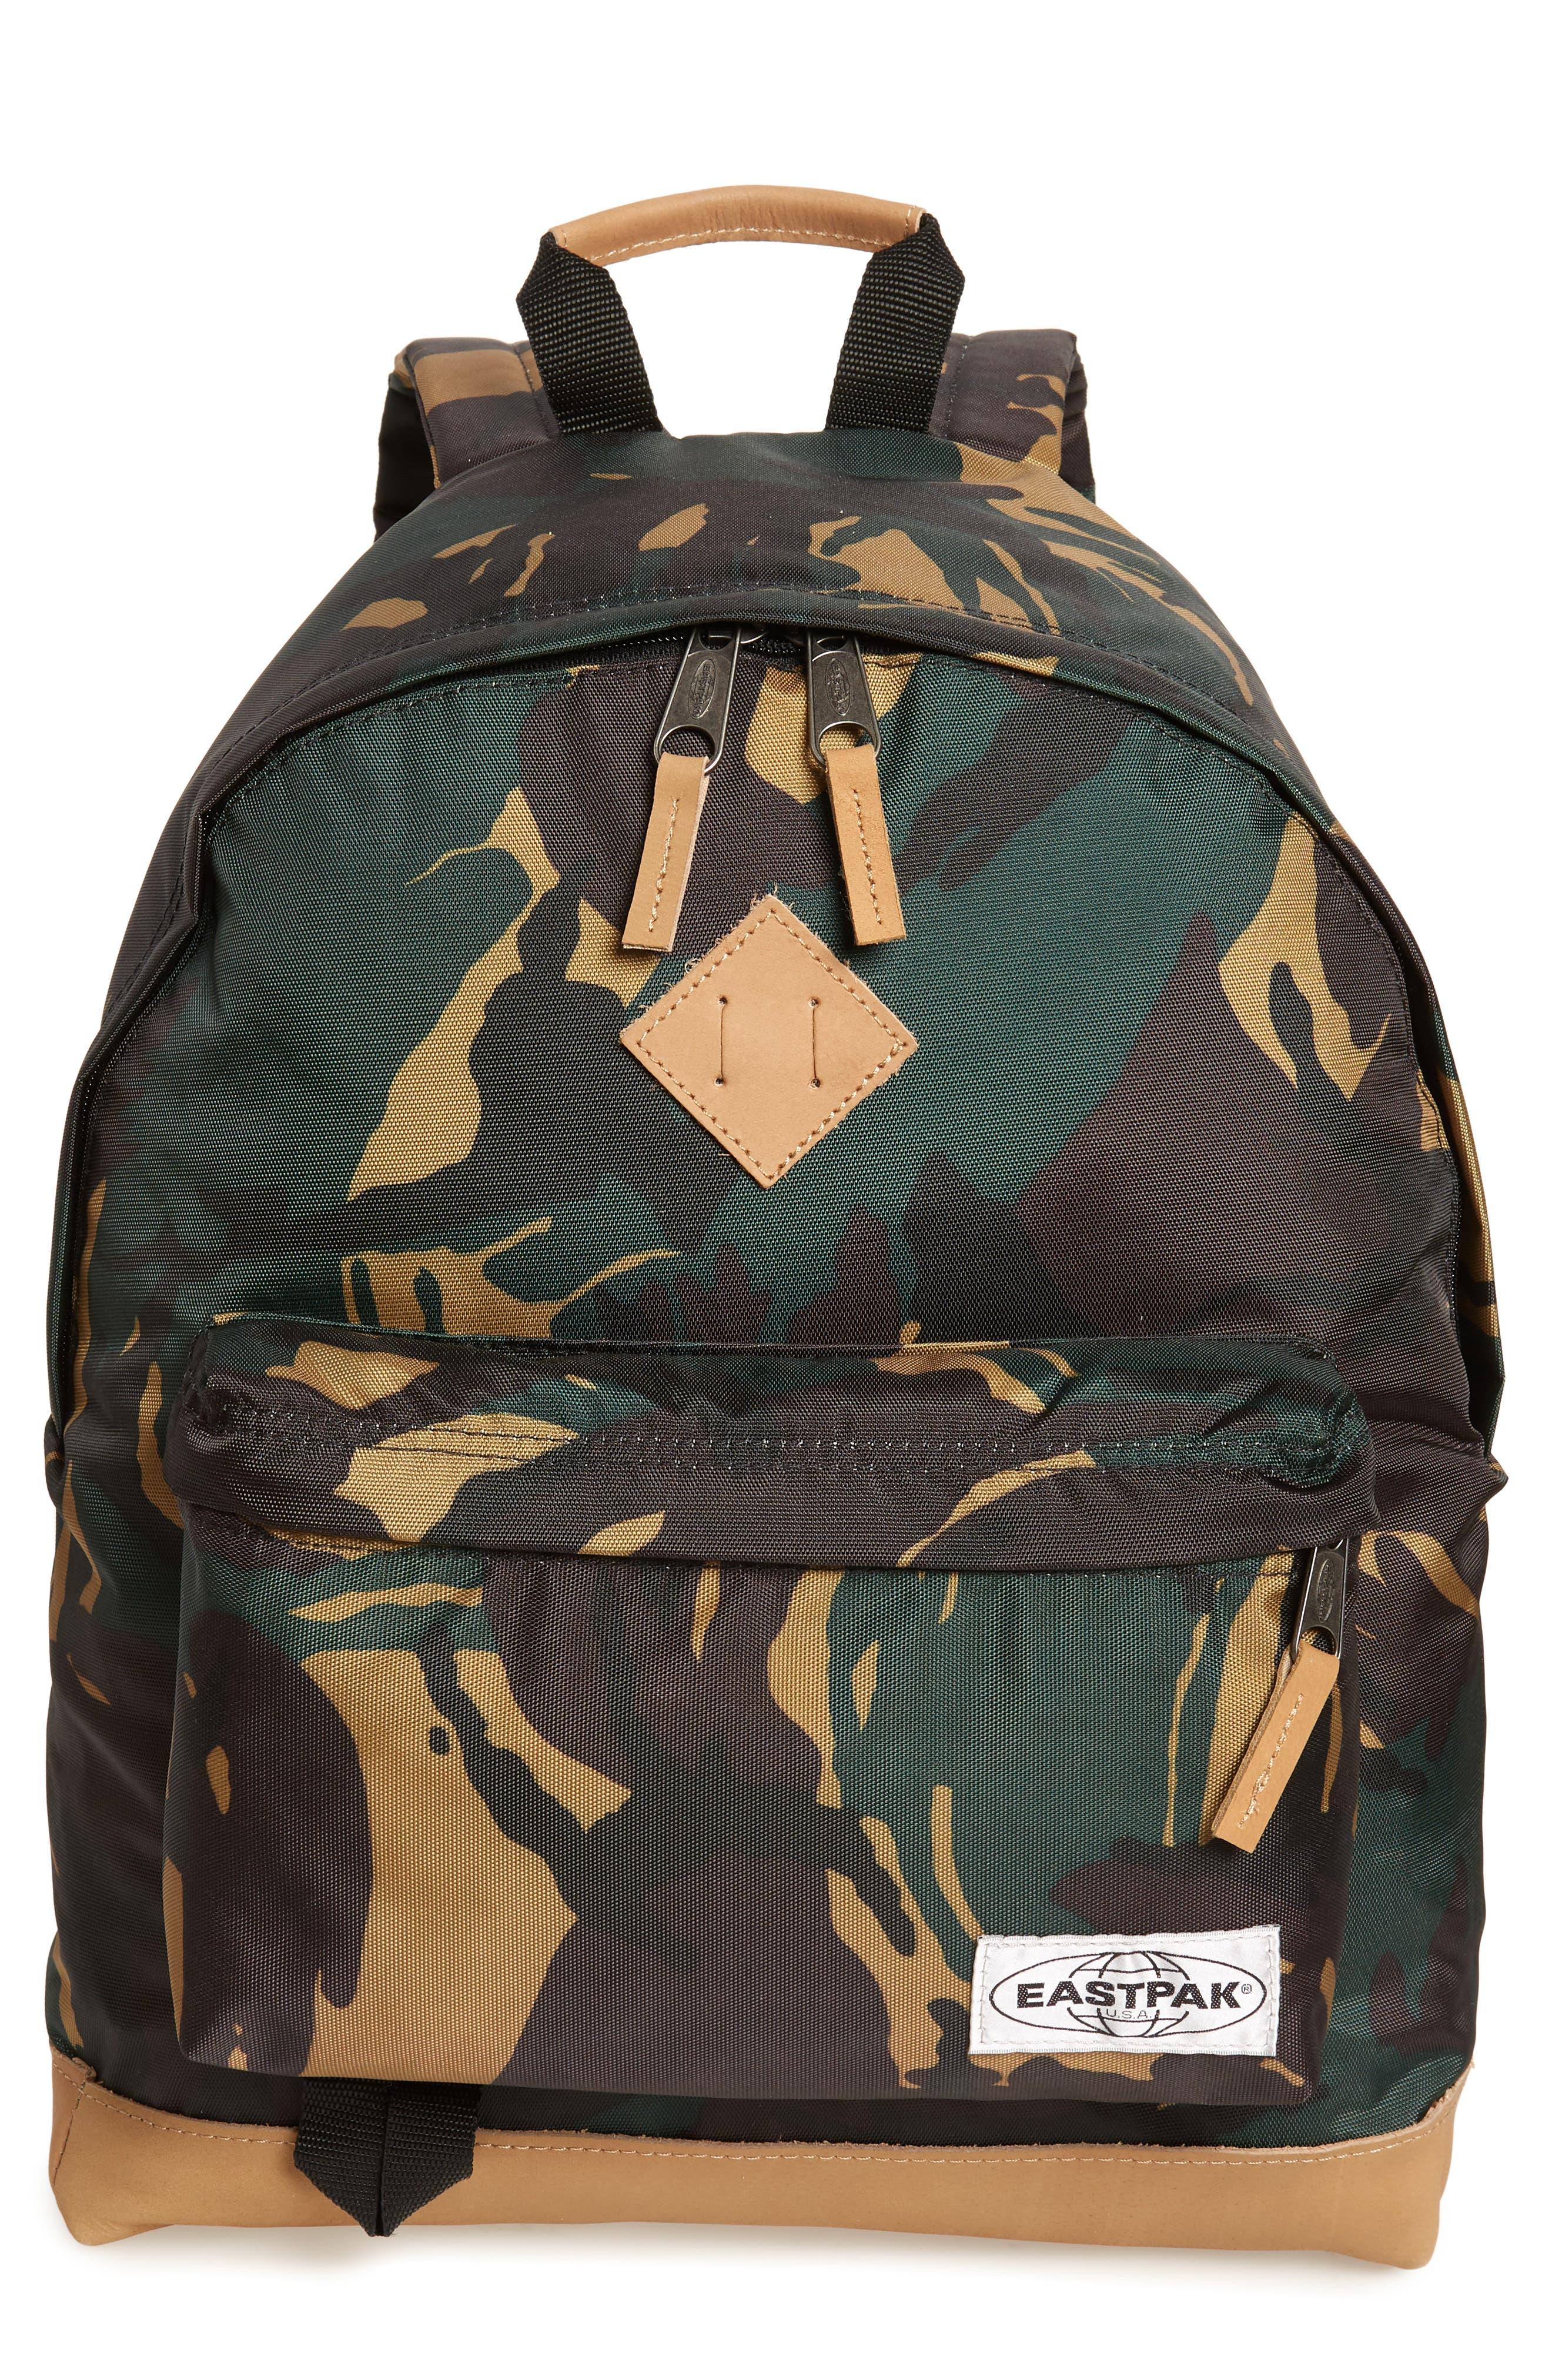 Eastpak Wyoming Backpack - Brown